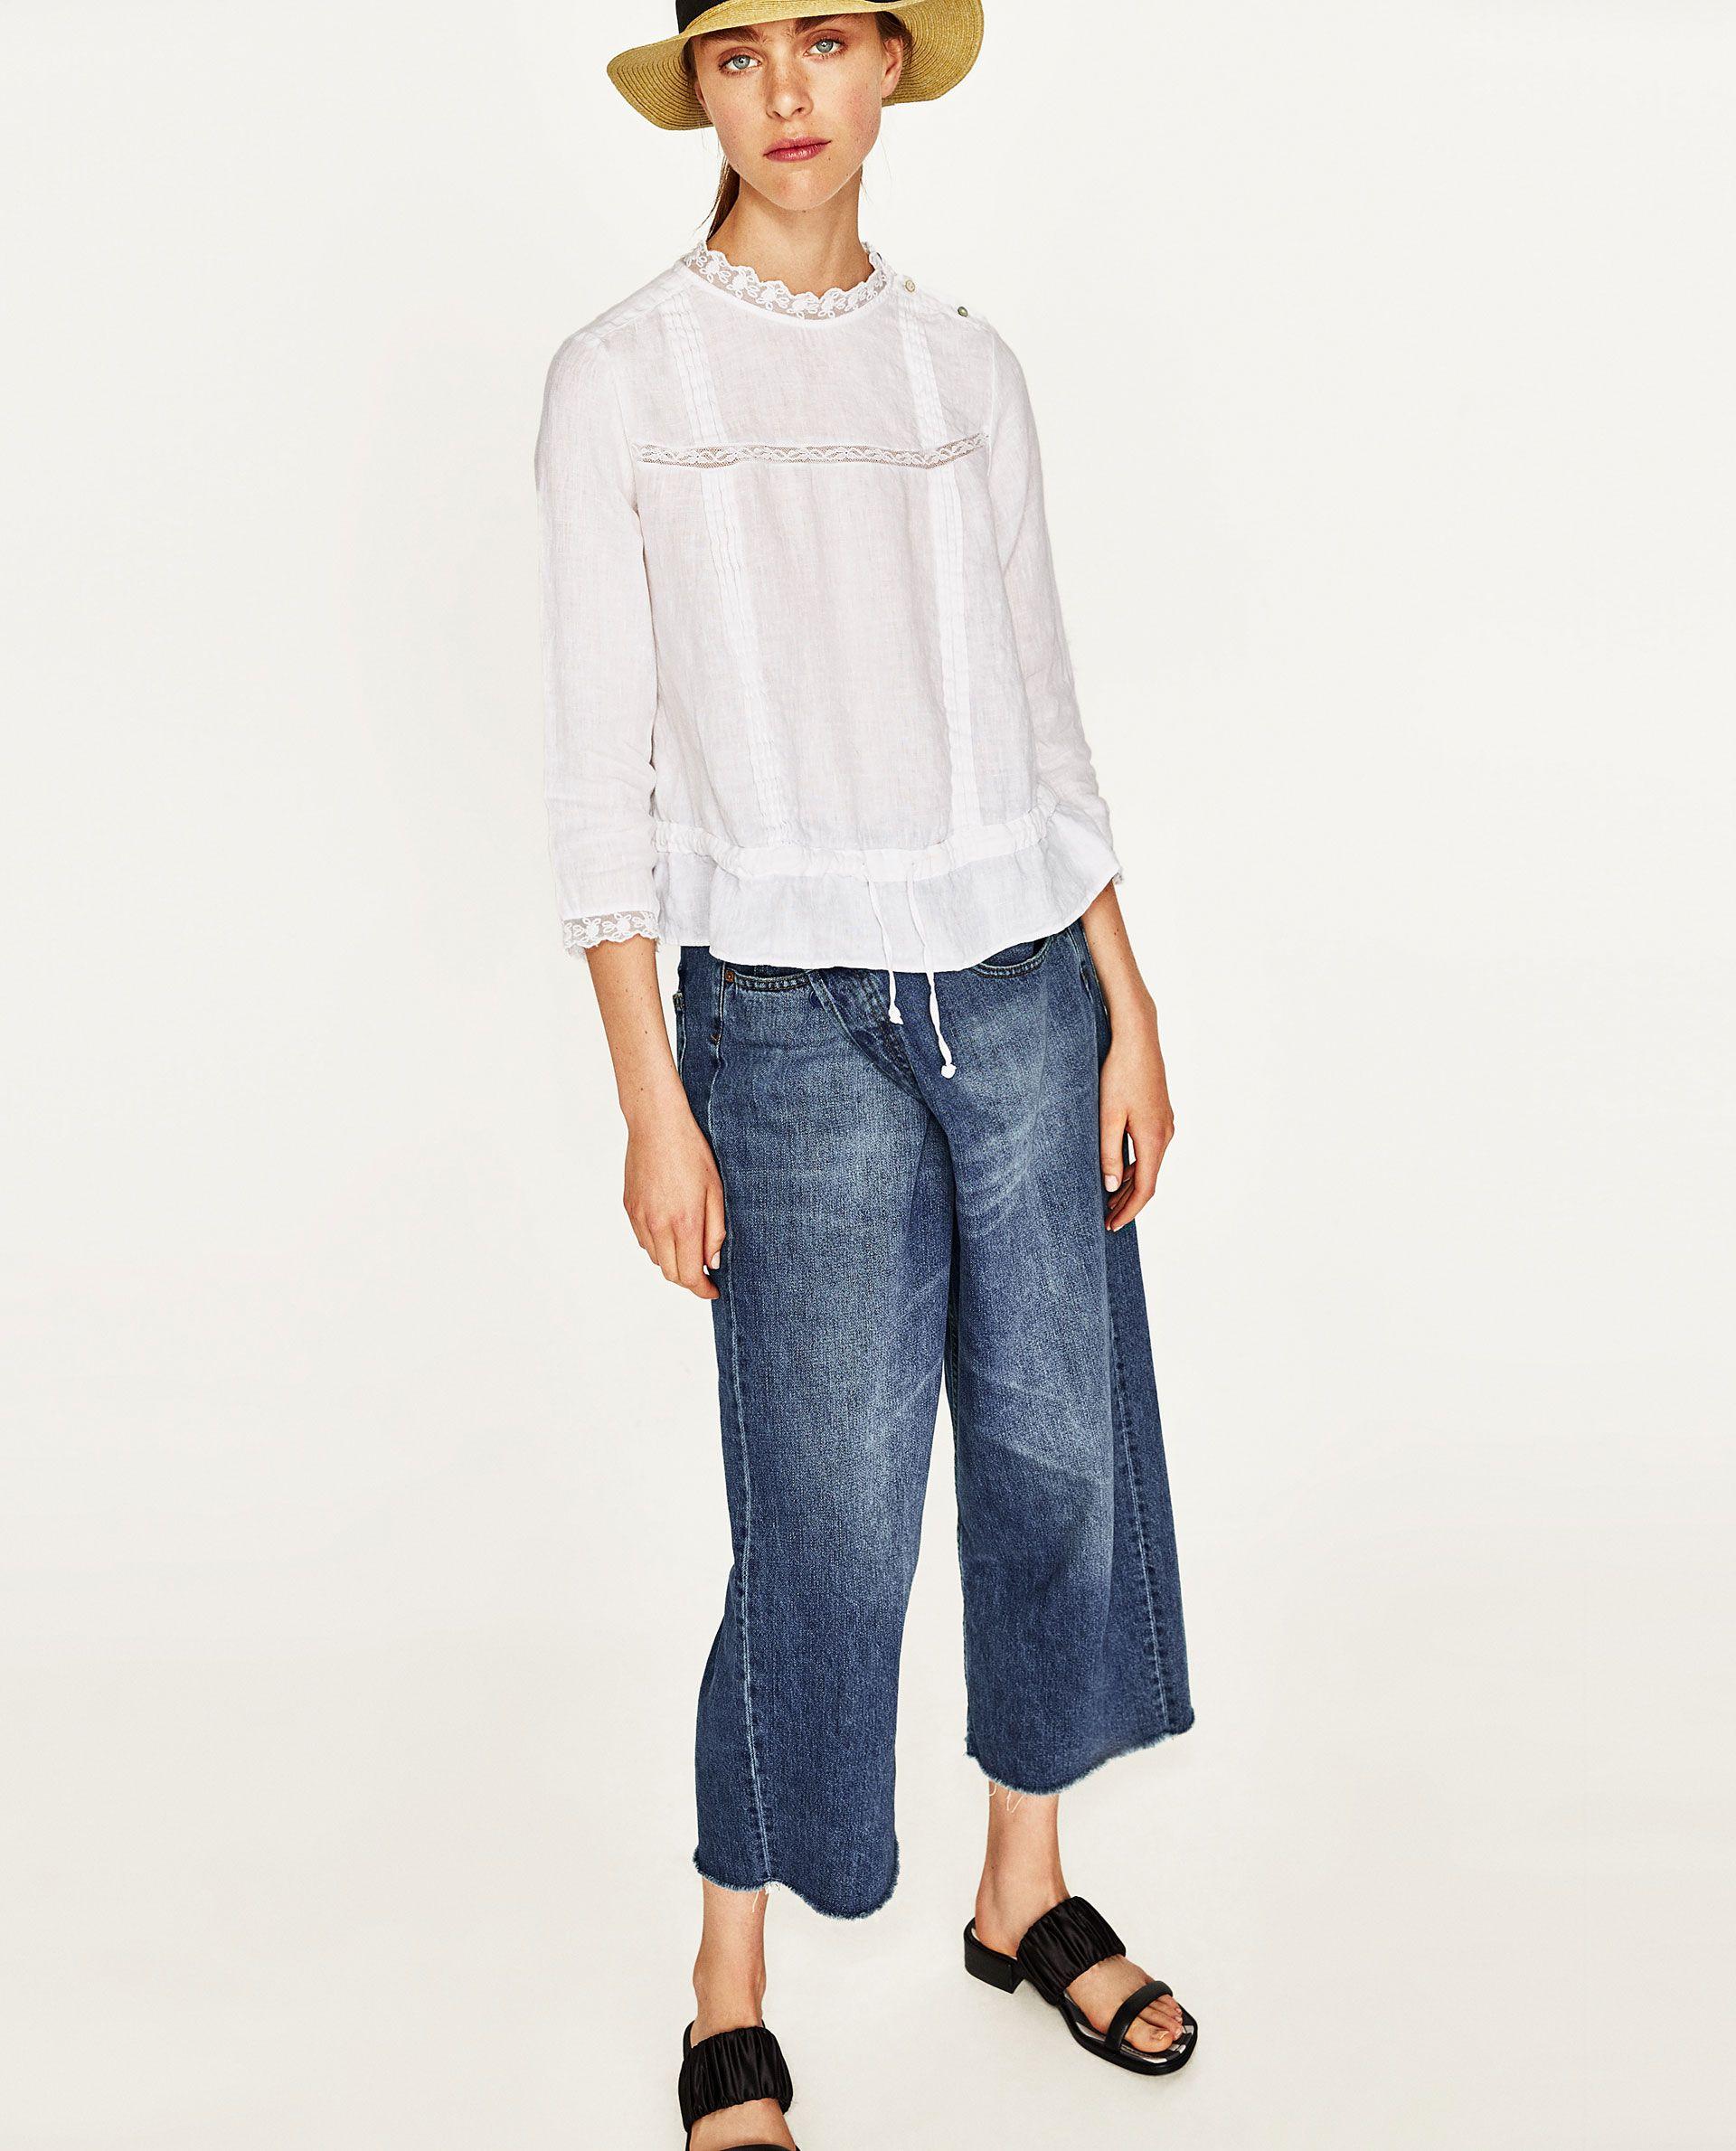 8e5502dea4e7 ZARA COLOR: Blanco 2332/270 Blusa en lino con cuello redondo subido ...